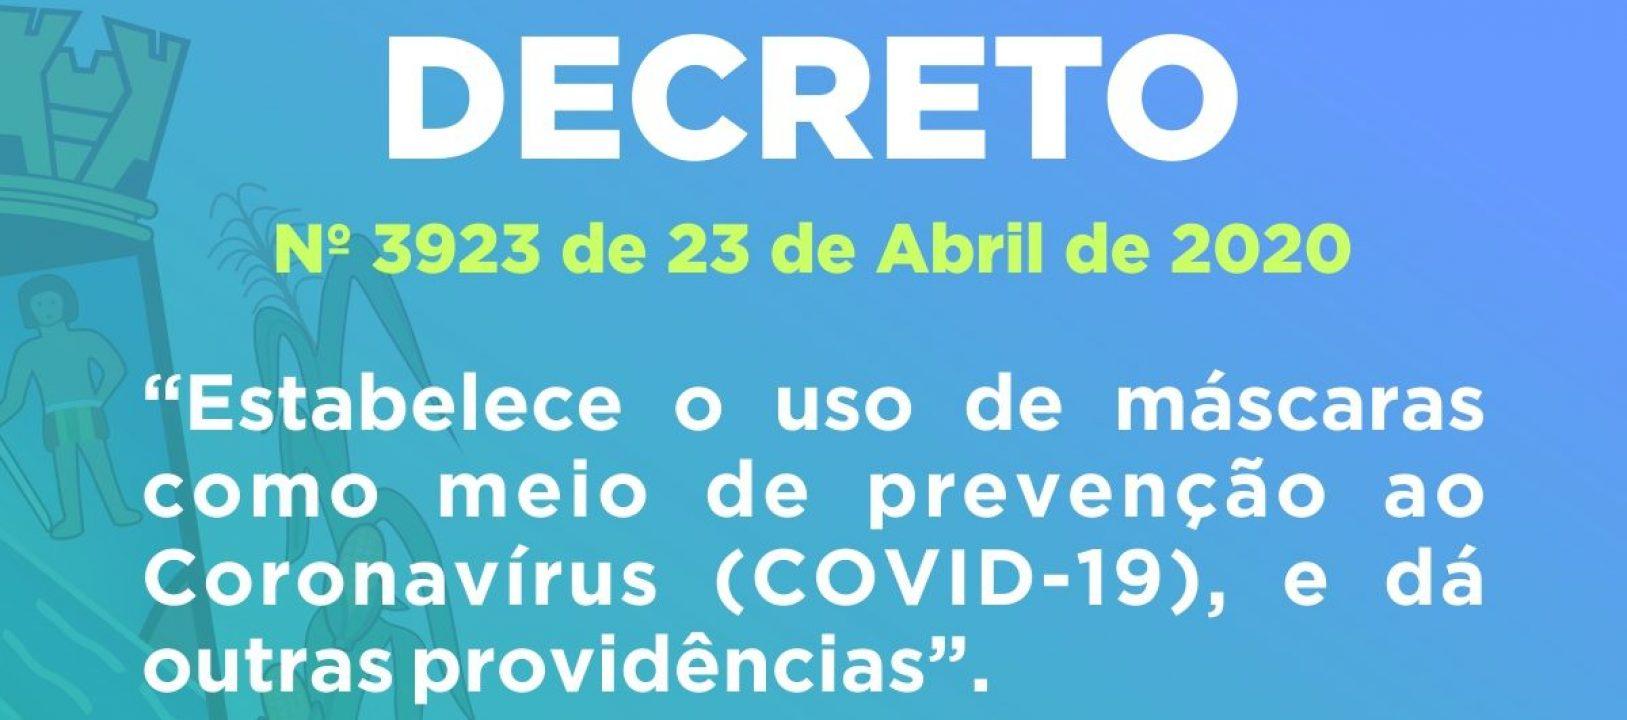 PREFEITURA DE GUIRICEMA_decreto-3923